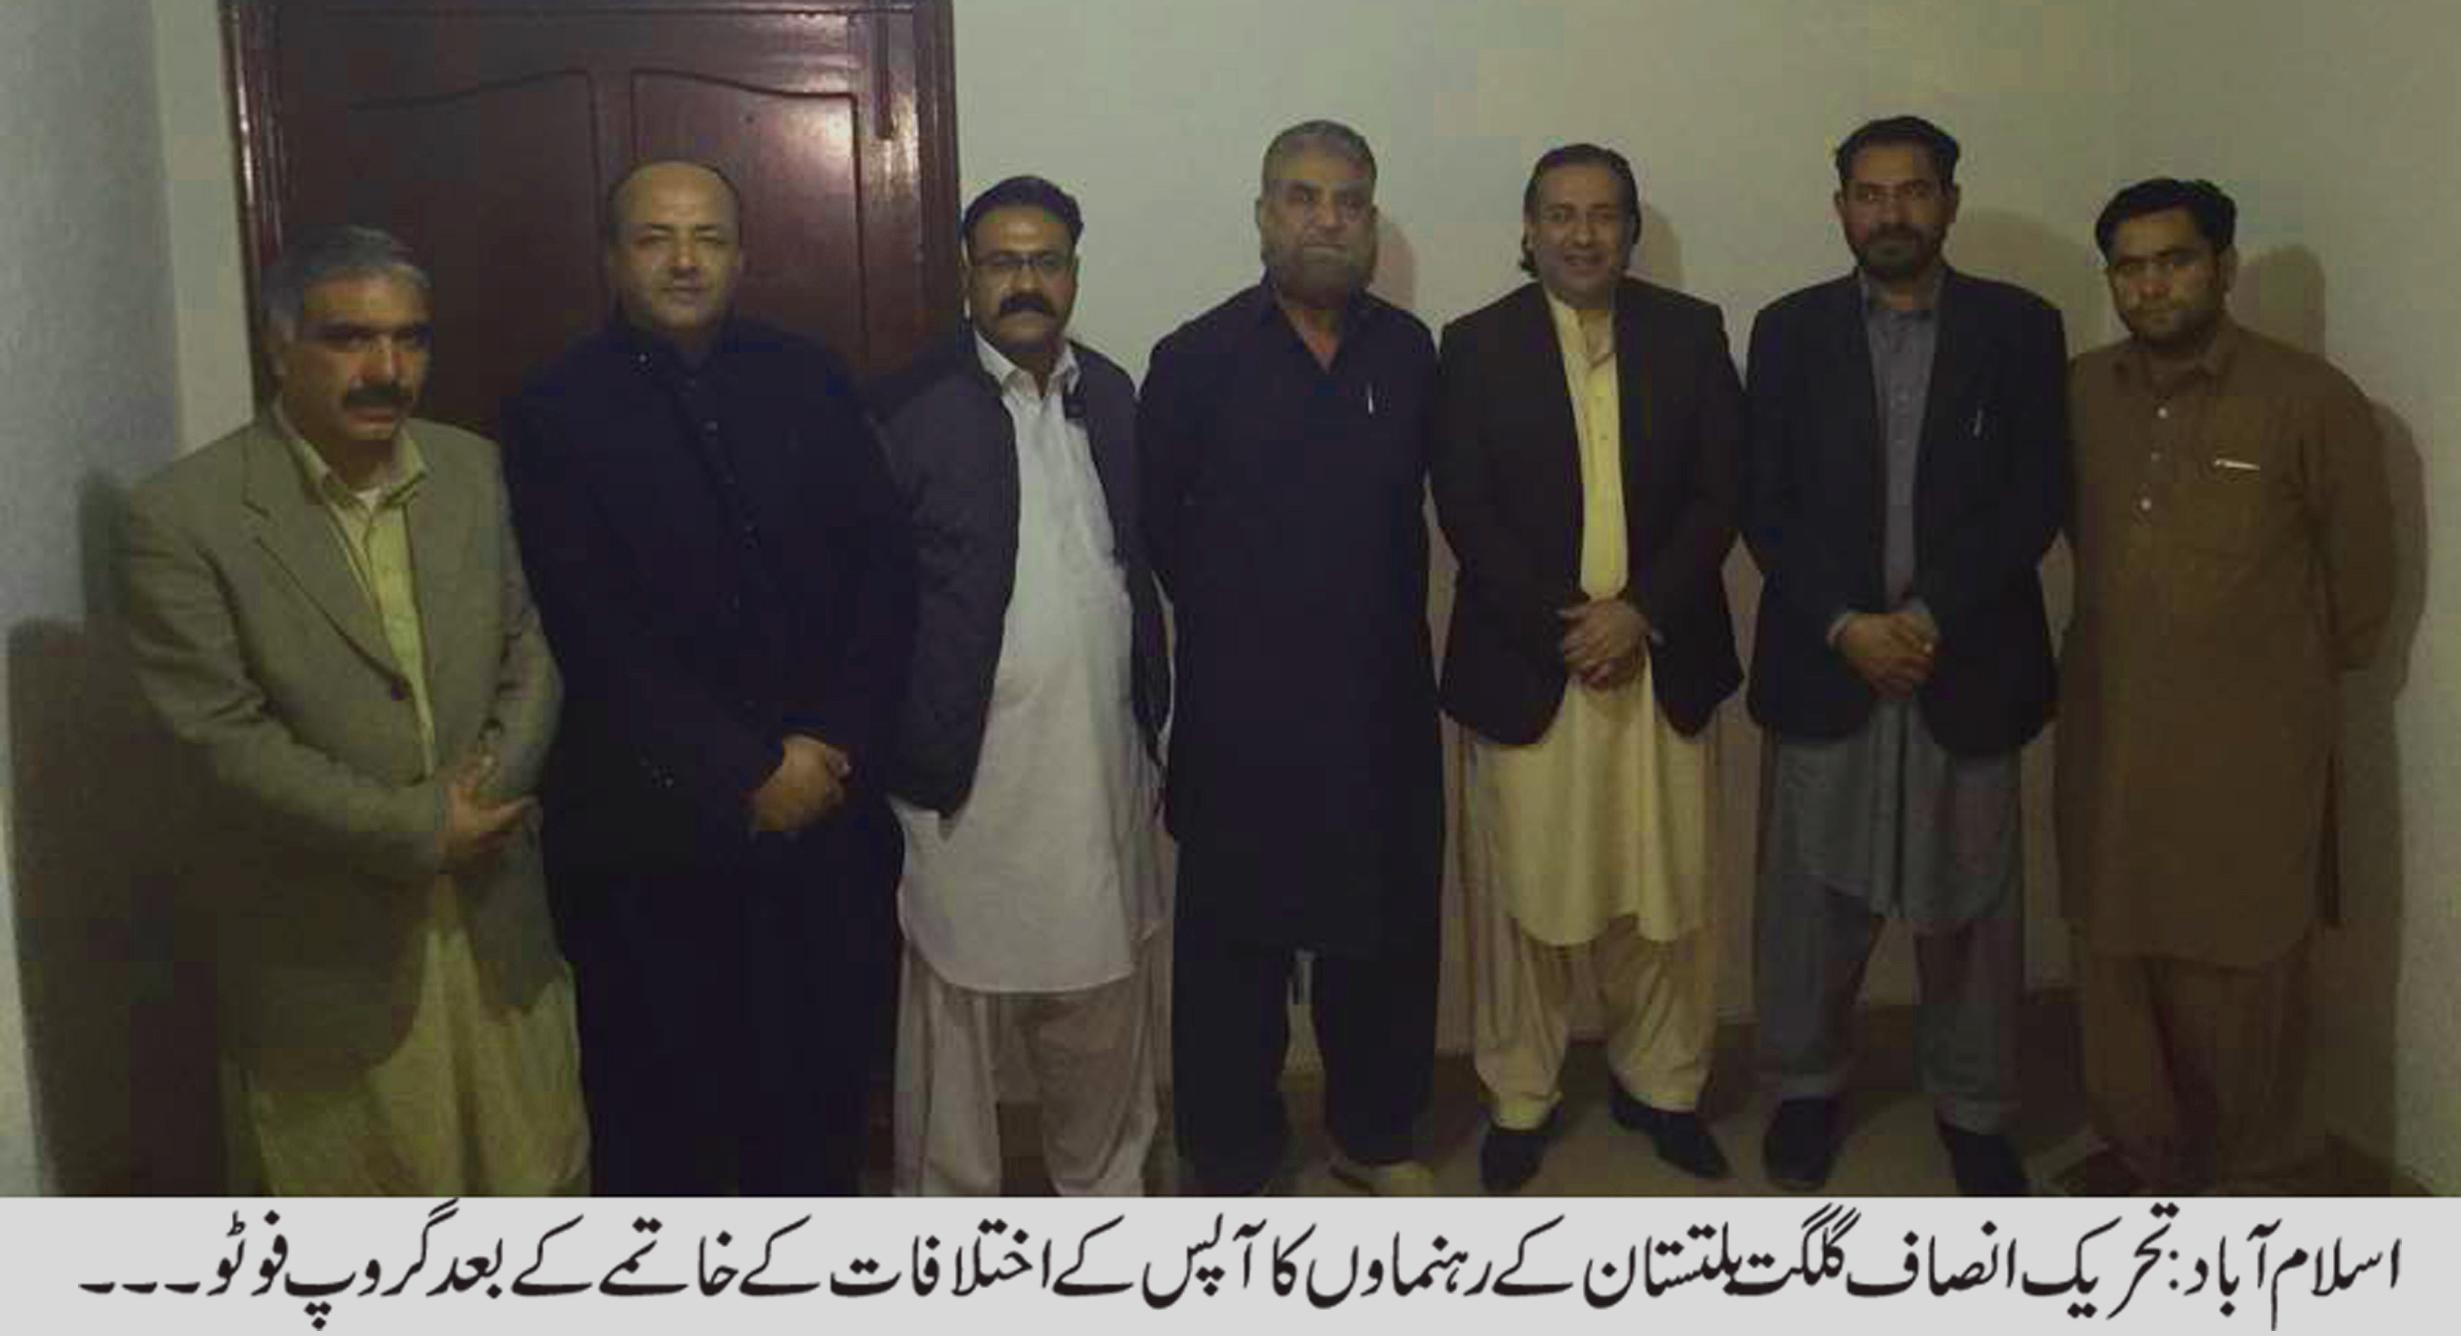 تحریک انصاف گلگت بلتستان میں اختلافات ختم